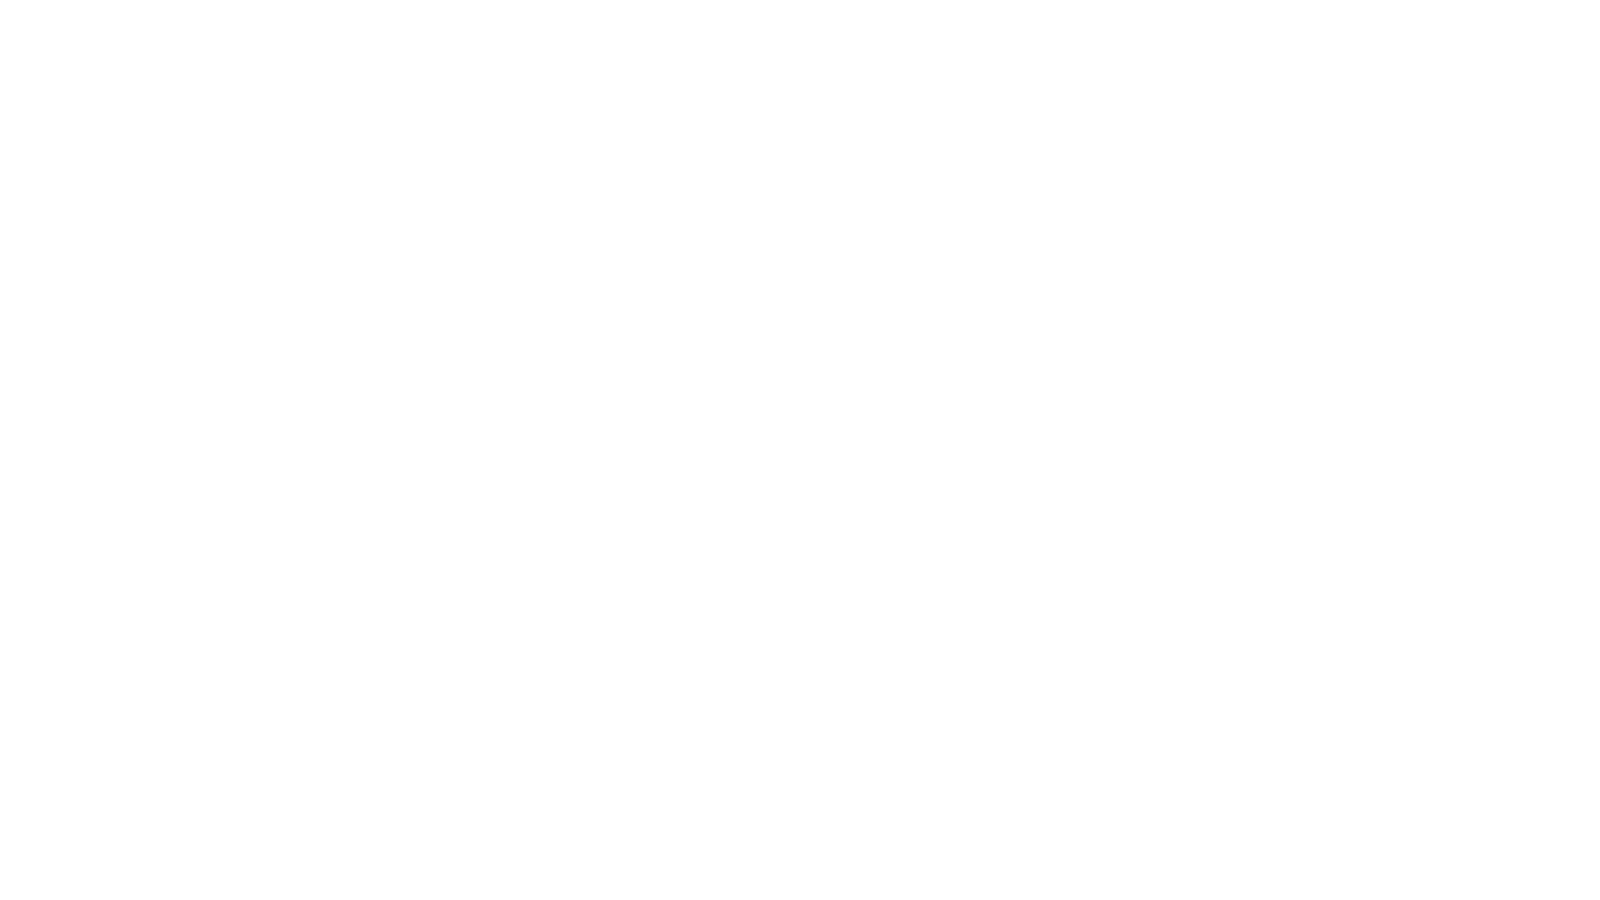 00:11:58 Об информации главного врача ГБУ здравоохранения города Москвы «Городская поликлиника № 22 Департамента здравоохранения города Москвы» о работе ГБУЗ «ГП № 22 ДЗМ» в 2020 году. 00:49:08 Об информации директора ГБУ «Альмега» о работе ГБУ «Альмега» в 2020 году.  01:04:32 Об информации директора ГБУ «Ломоносовец» о работе ГБУ «Ломоносовец» в 2020 году 01:17:59 О внесении изменений в решение Совета депутатов муниципального округа Ломоносовский от 28 декабря 2020 года № 64/1 «О бюджете муниципального округа Ломоносовский на 2021 год и плановый период 2022 и 2023 годов». 01:25:11 Об информации директора ГБУ «Жилищник района Ломоносовский» о работе ГБУ «Жилищник района Ломоносовский» в 2020 году.  01:48:44 О согласовании направления средств стимулирования управы Ломоносовского района города Москвы на проведение мероприятий по благоустройству территории Ломоносовского района города Москвы в 2021 году. 01:59:46 О признании утратившими силу отдельных нормативных актов муниципального округа Ломоносовский 02:02:13 О рассмотрении протеста прокуратуры Юго-западного административного округа города Москвы №7-1-2021 от 18 марта 2021 на решение Совета депутатов муниципального округа Ломоносовский №63/9 «Об отказе в согласовании установки ограждающих устройств по адресу: проспект Вернадского, д. 29, корп. 1»  Разное 02:09:14 Об обращении Совета депутатов муниципального округа Ломоносовский к главе Управы Ломоносовского района К.В. Кравцовой по вопросу программы благоустройства (часть 1) с учетом полного объема финансирования на восстановление детской и спортивной площадки по адресу: ул. Кравченко, дом 16, корпус 2 (приложение).